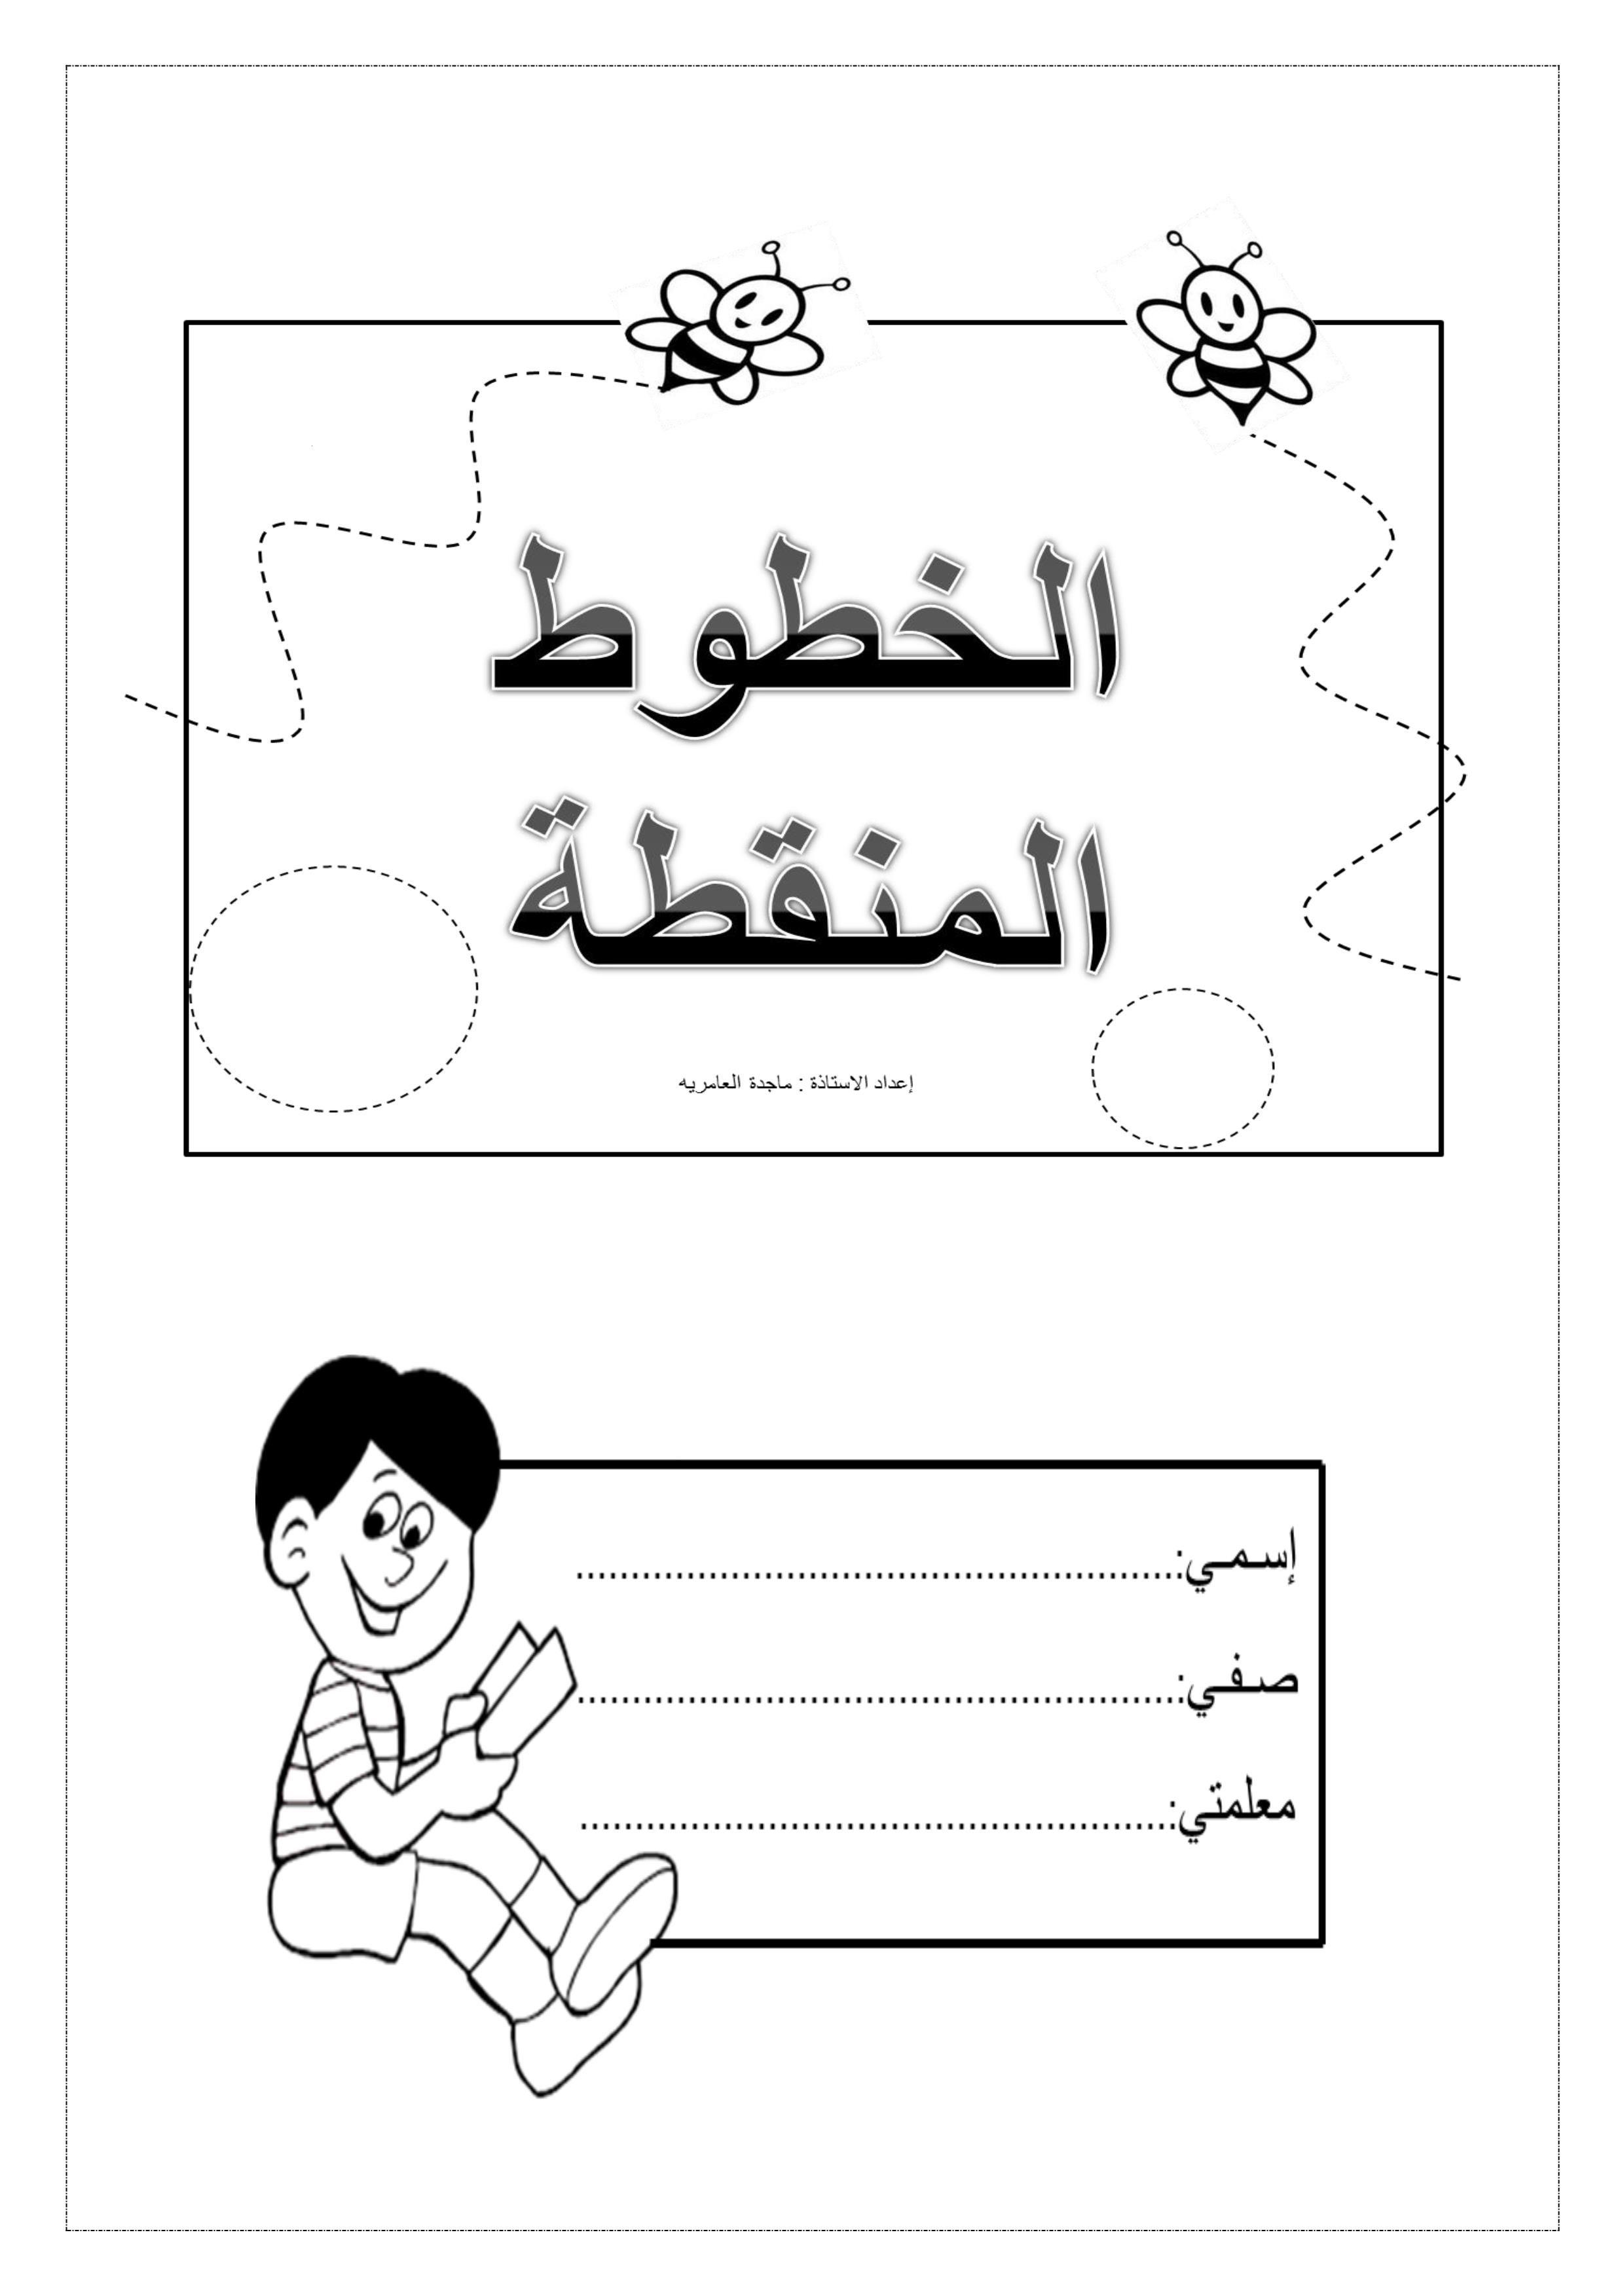 انشطة الخطوط المنقطة لتدريب الاطفال على مسك القلم المعلمة أسماء Arabic Alphabet Letters Lettering Alphabet Book Activities